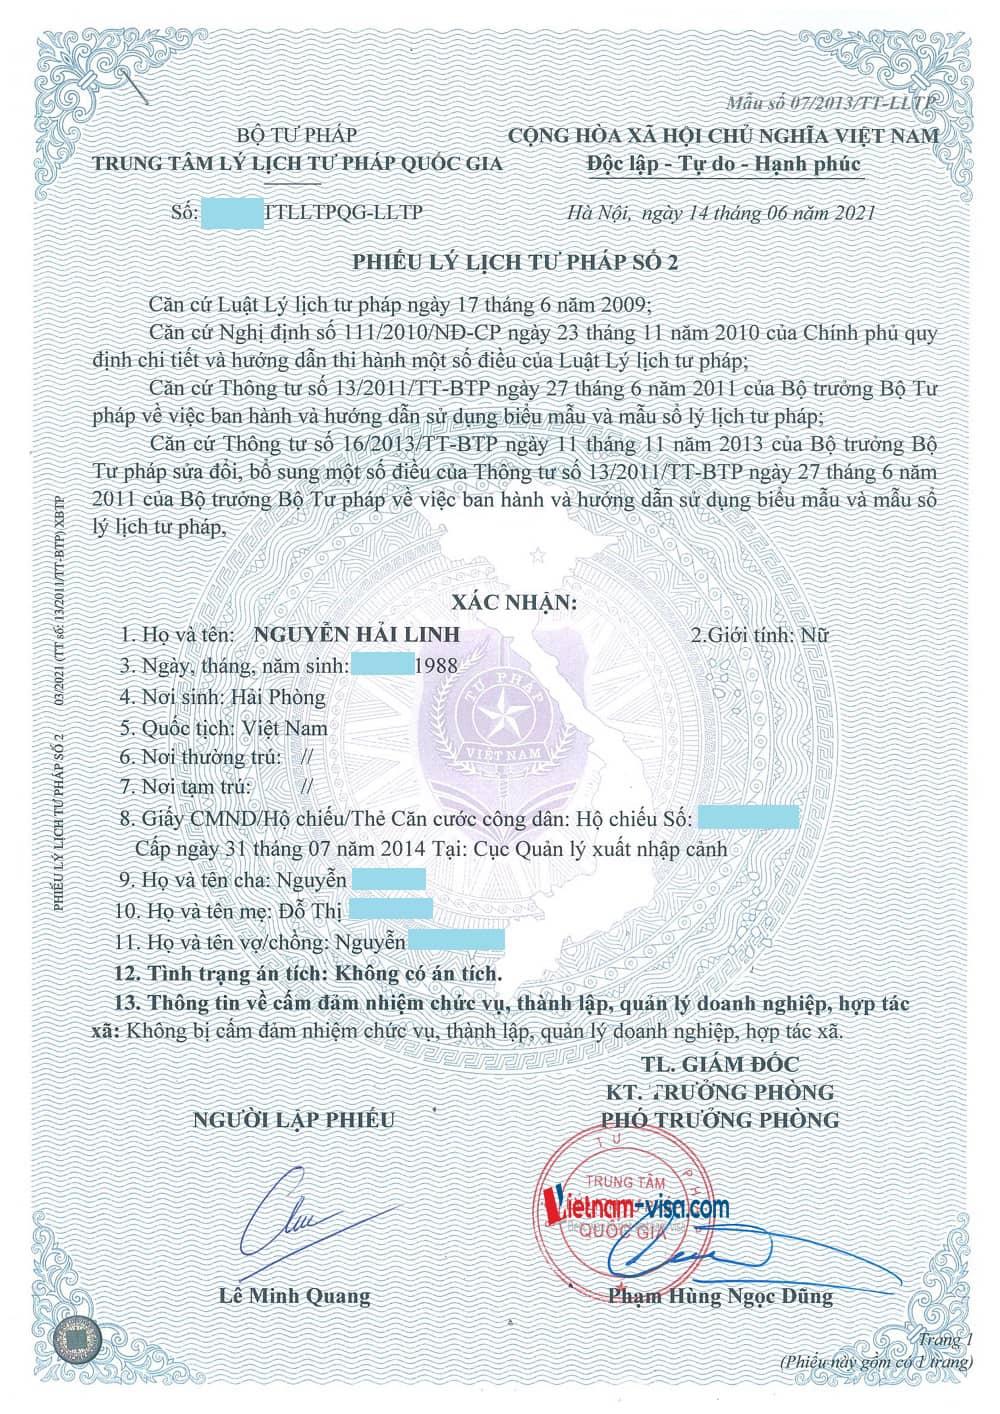 Phiếu Lý lịch tư pháp số 2 cho người Việt nam ở nước ngoài